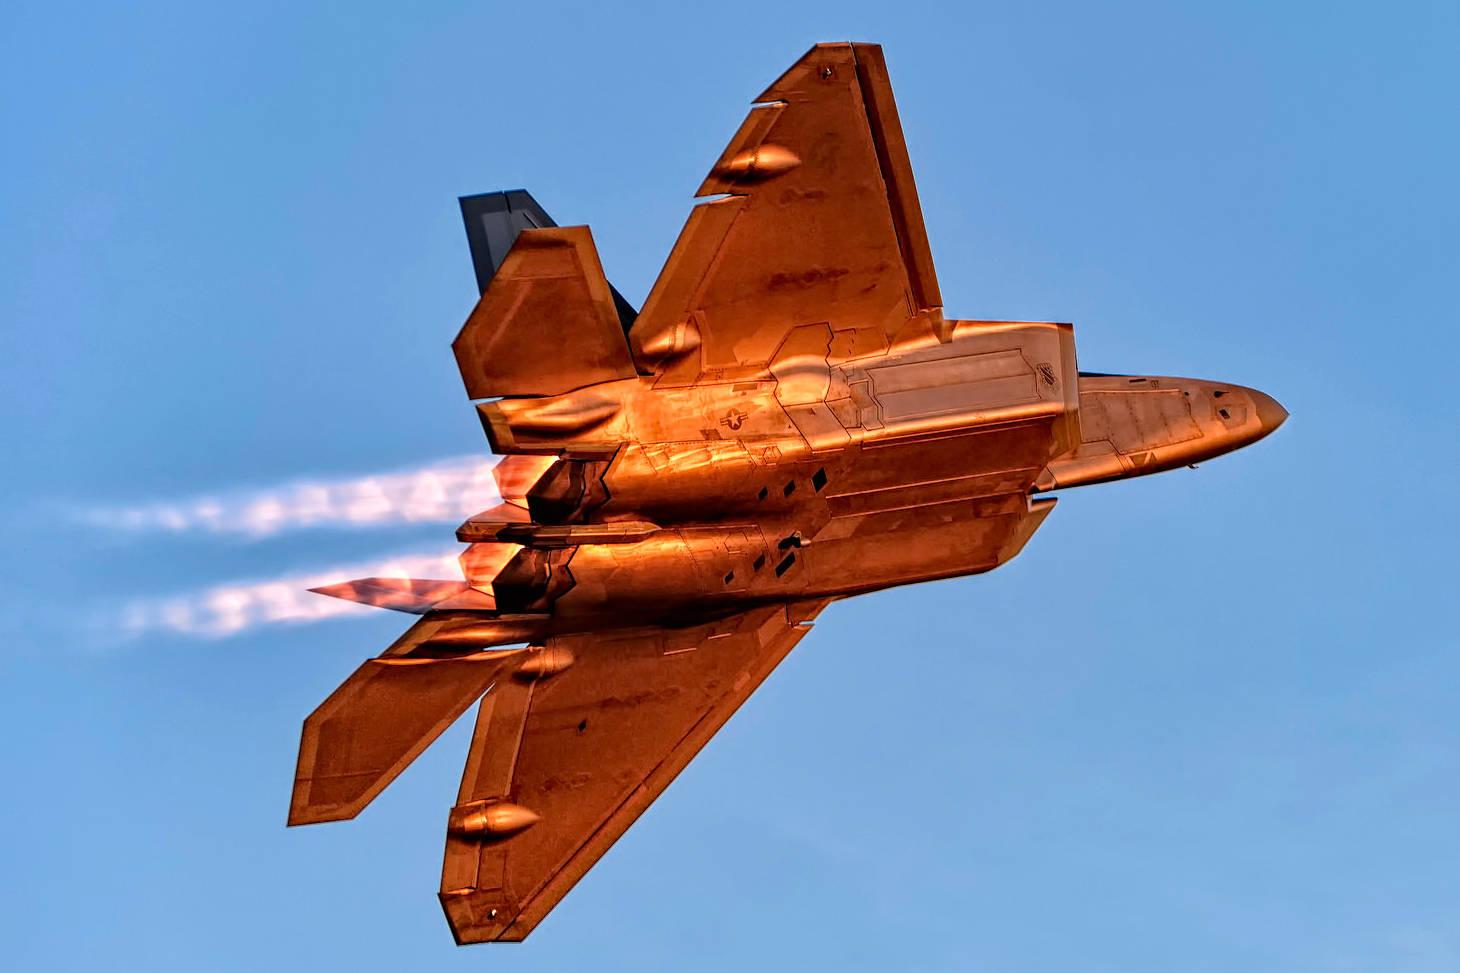 盘点F-22隐形战机的机载武器,没有大家想的那么多,比F-35差远了